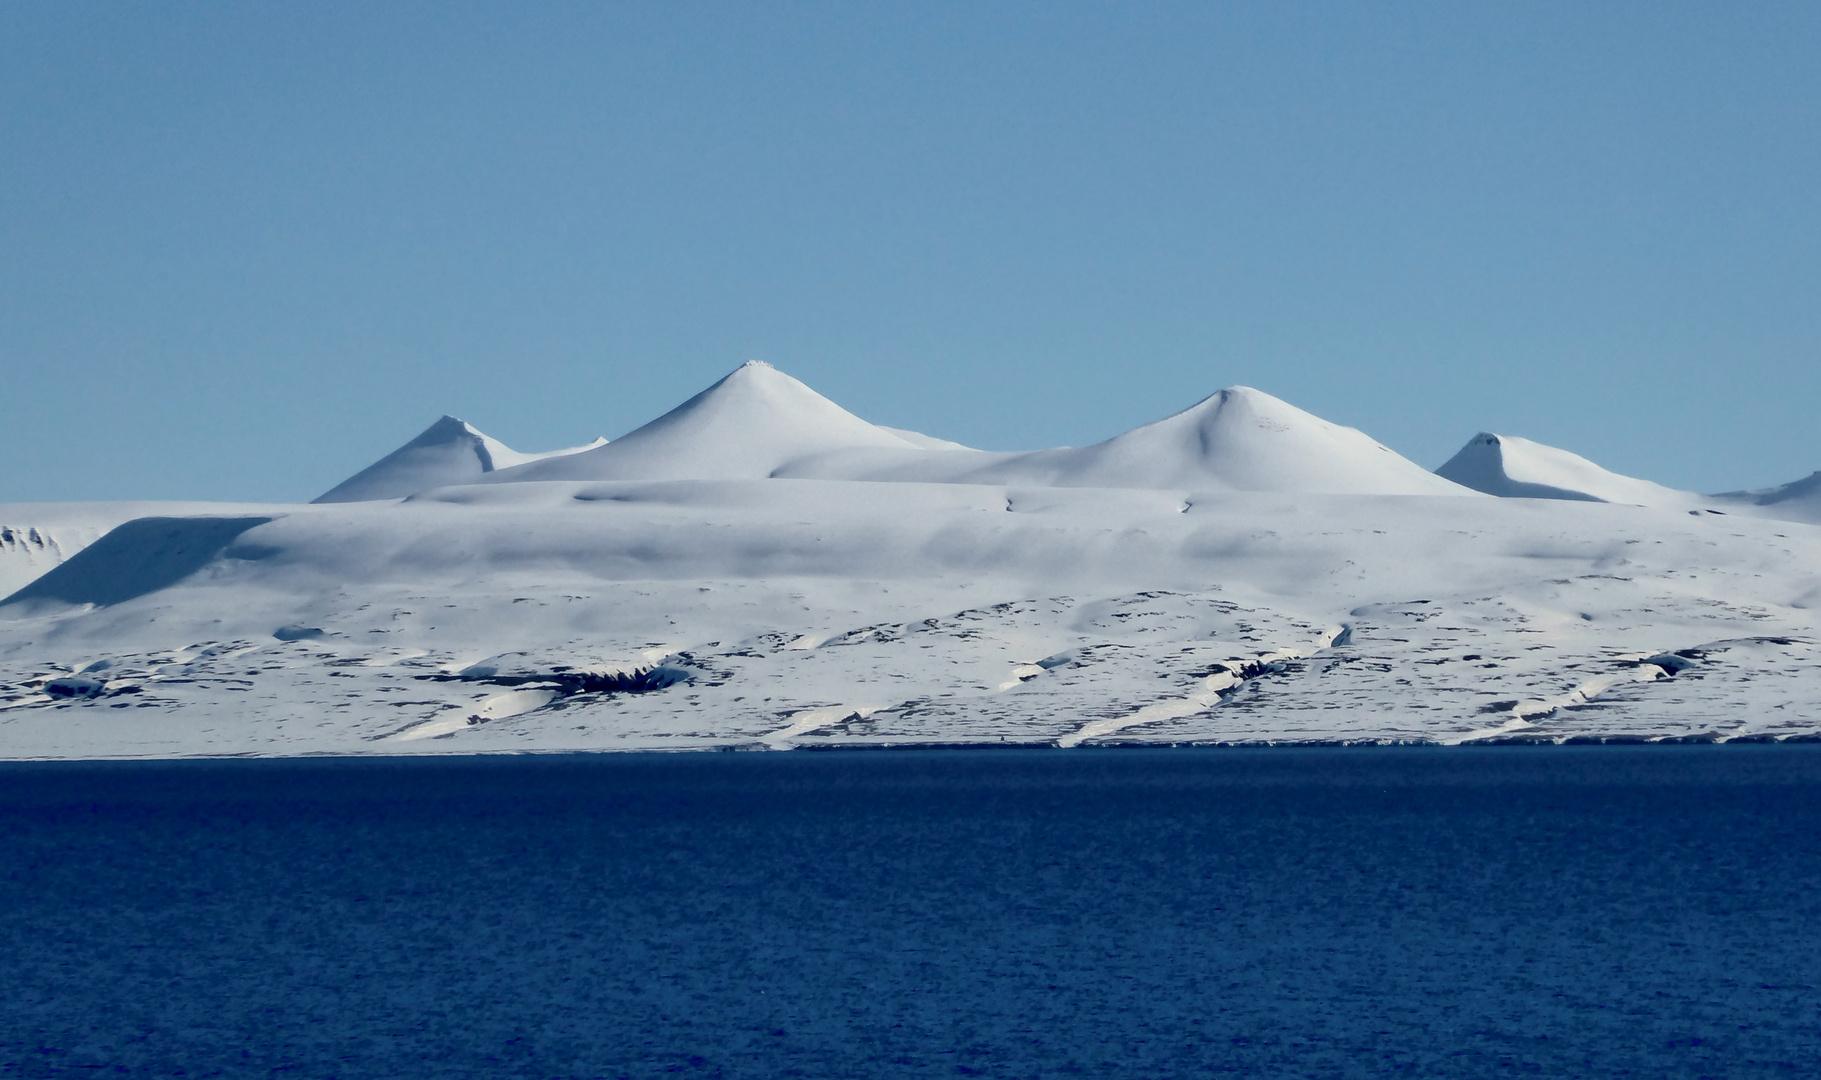 Nordmeerreise - Gletscherimpressionen (2)